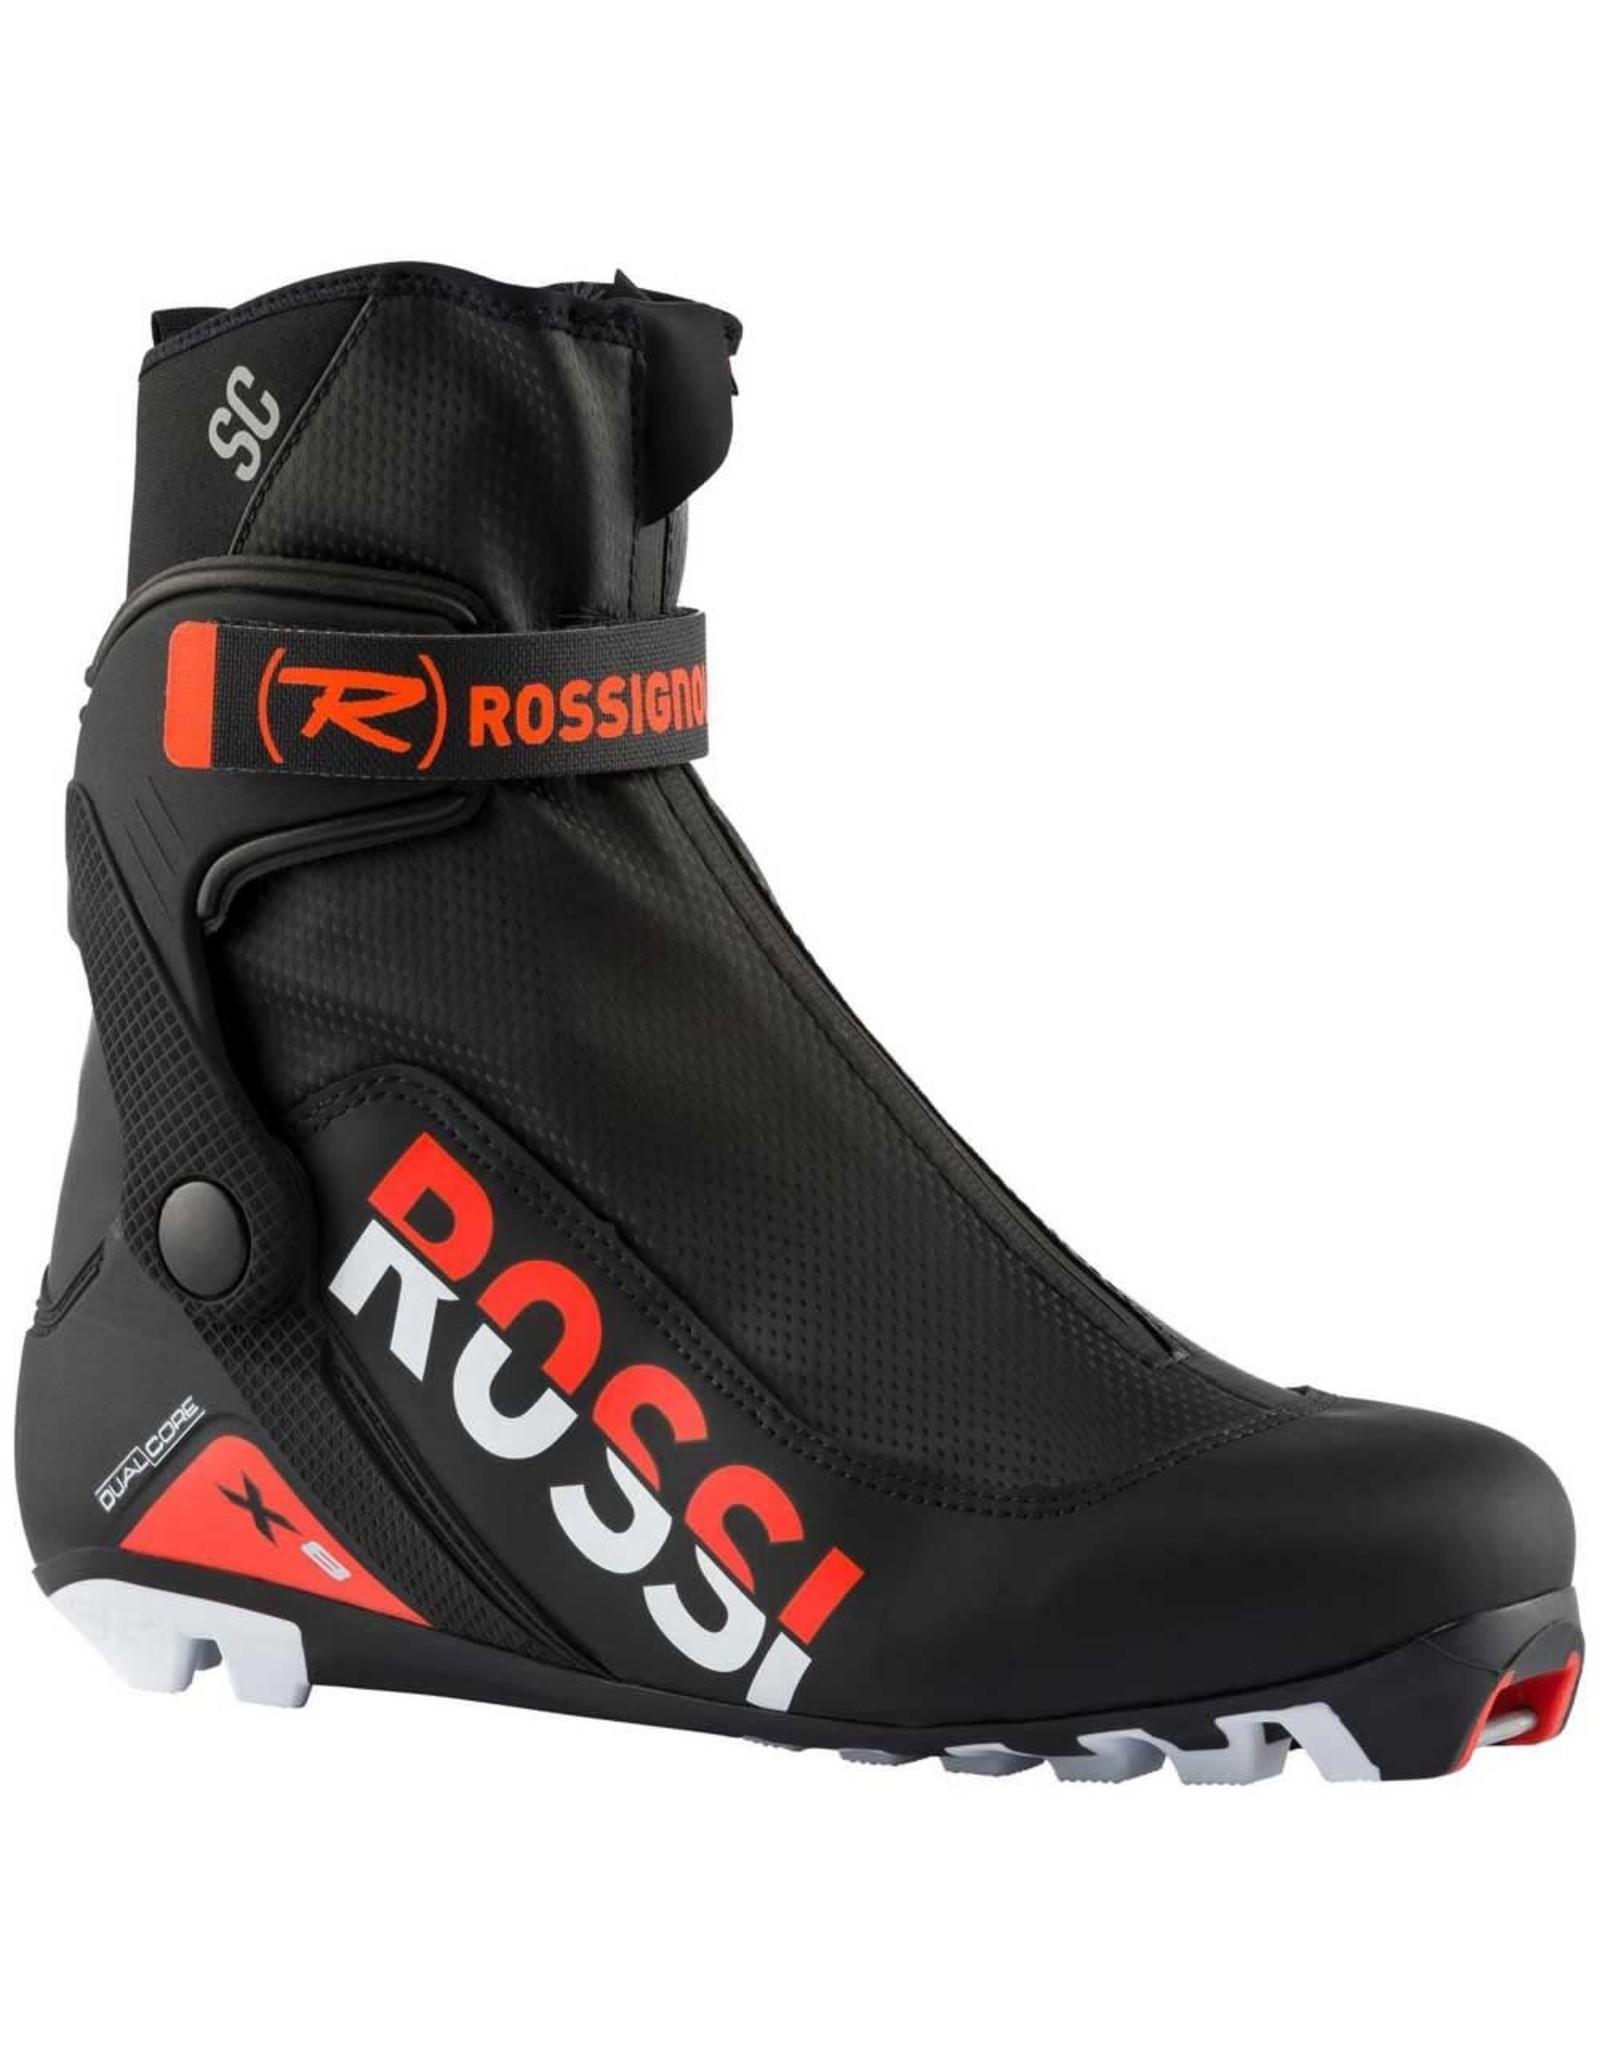 Rossignol X-8 SC